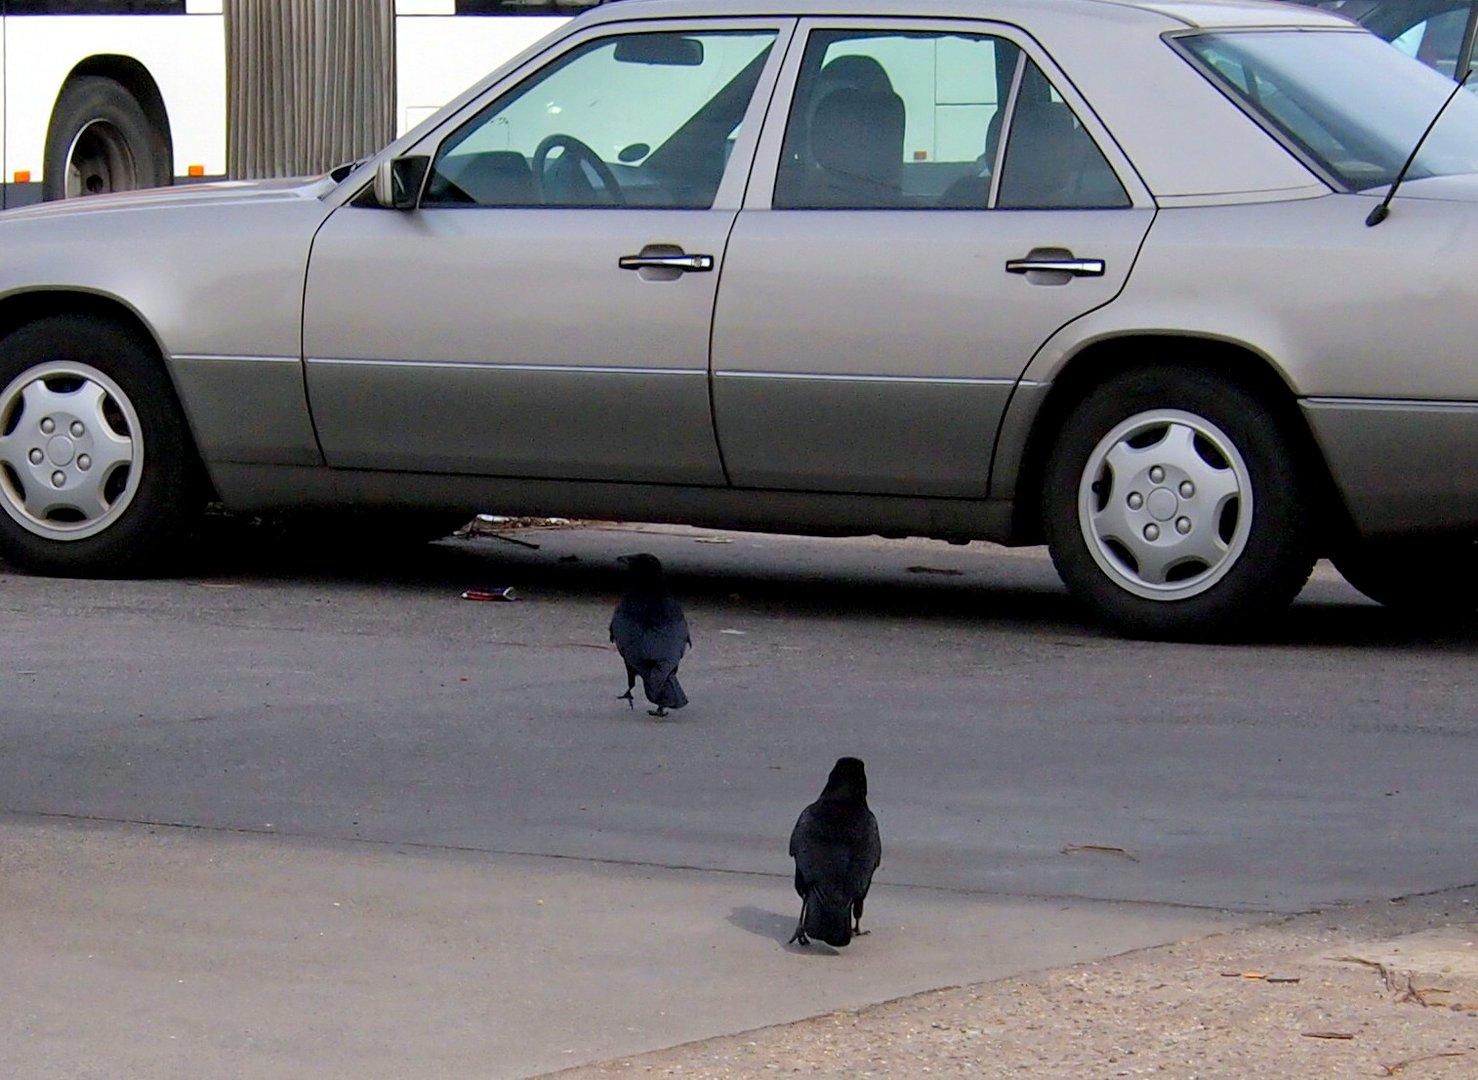 nee Du, laß das Auto stehen, wir fliegen heute ...